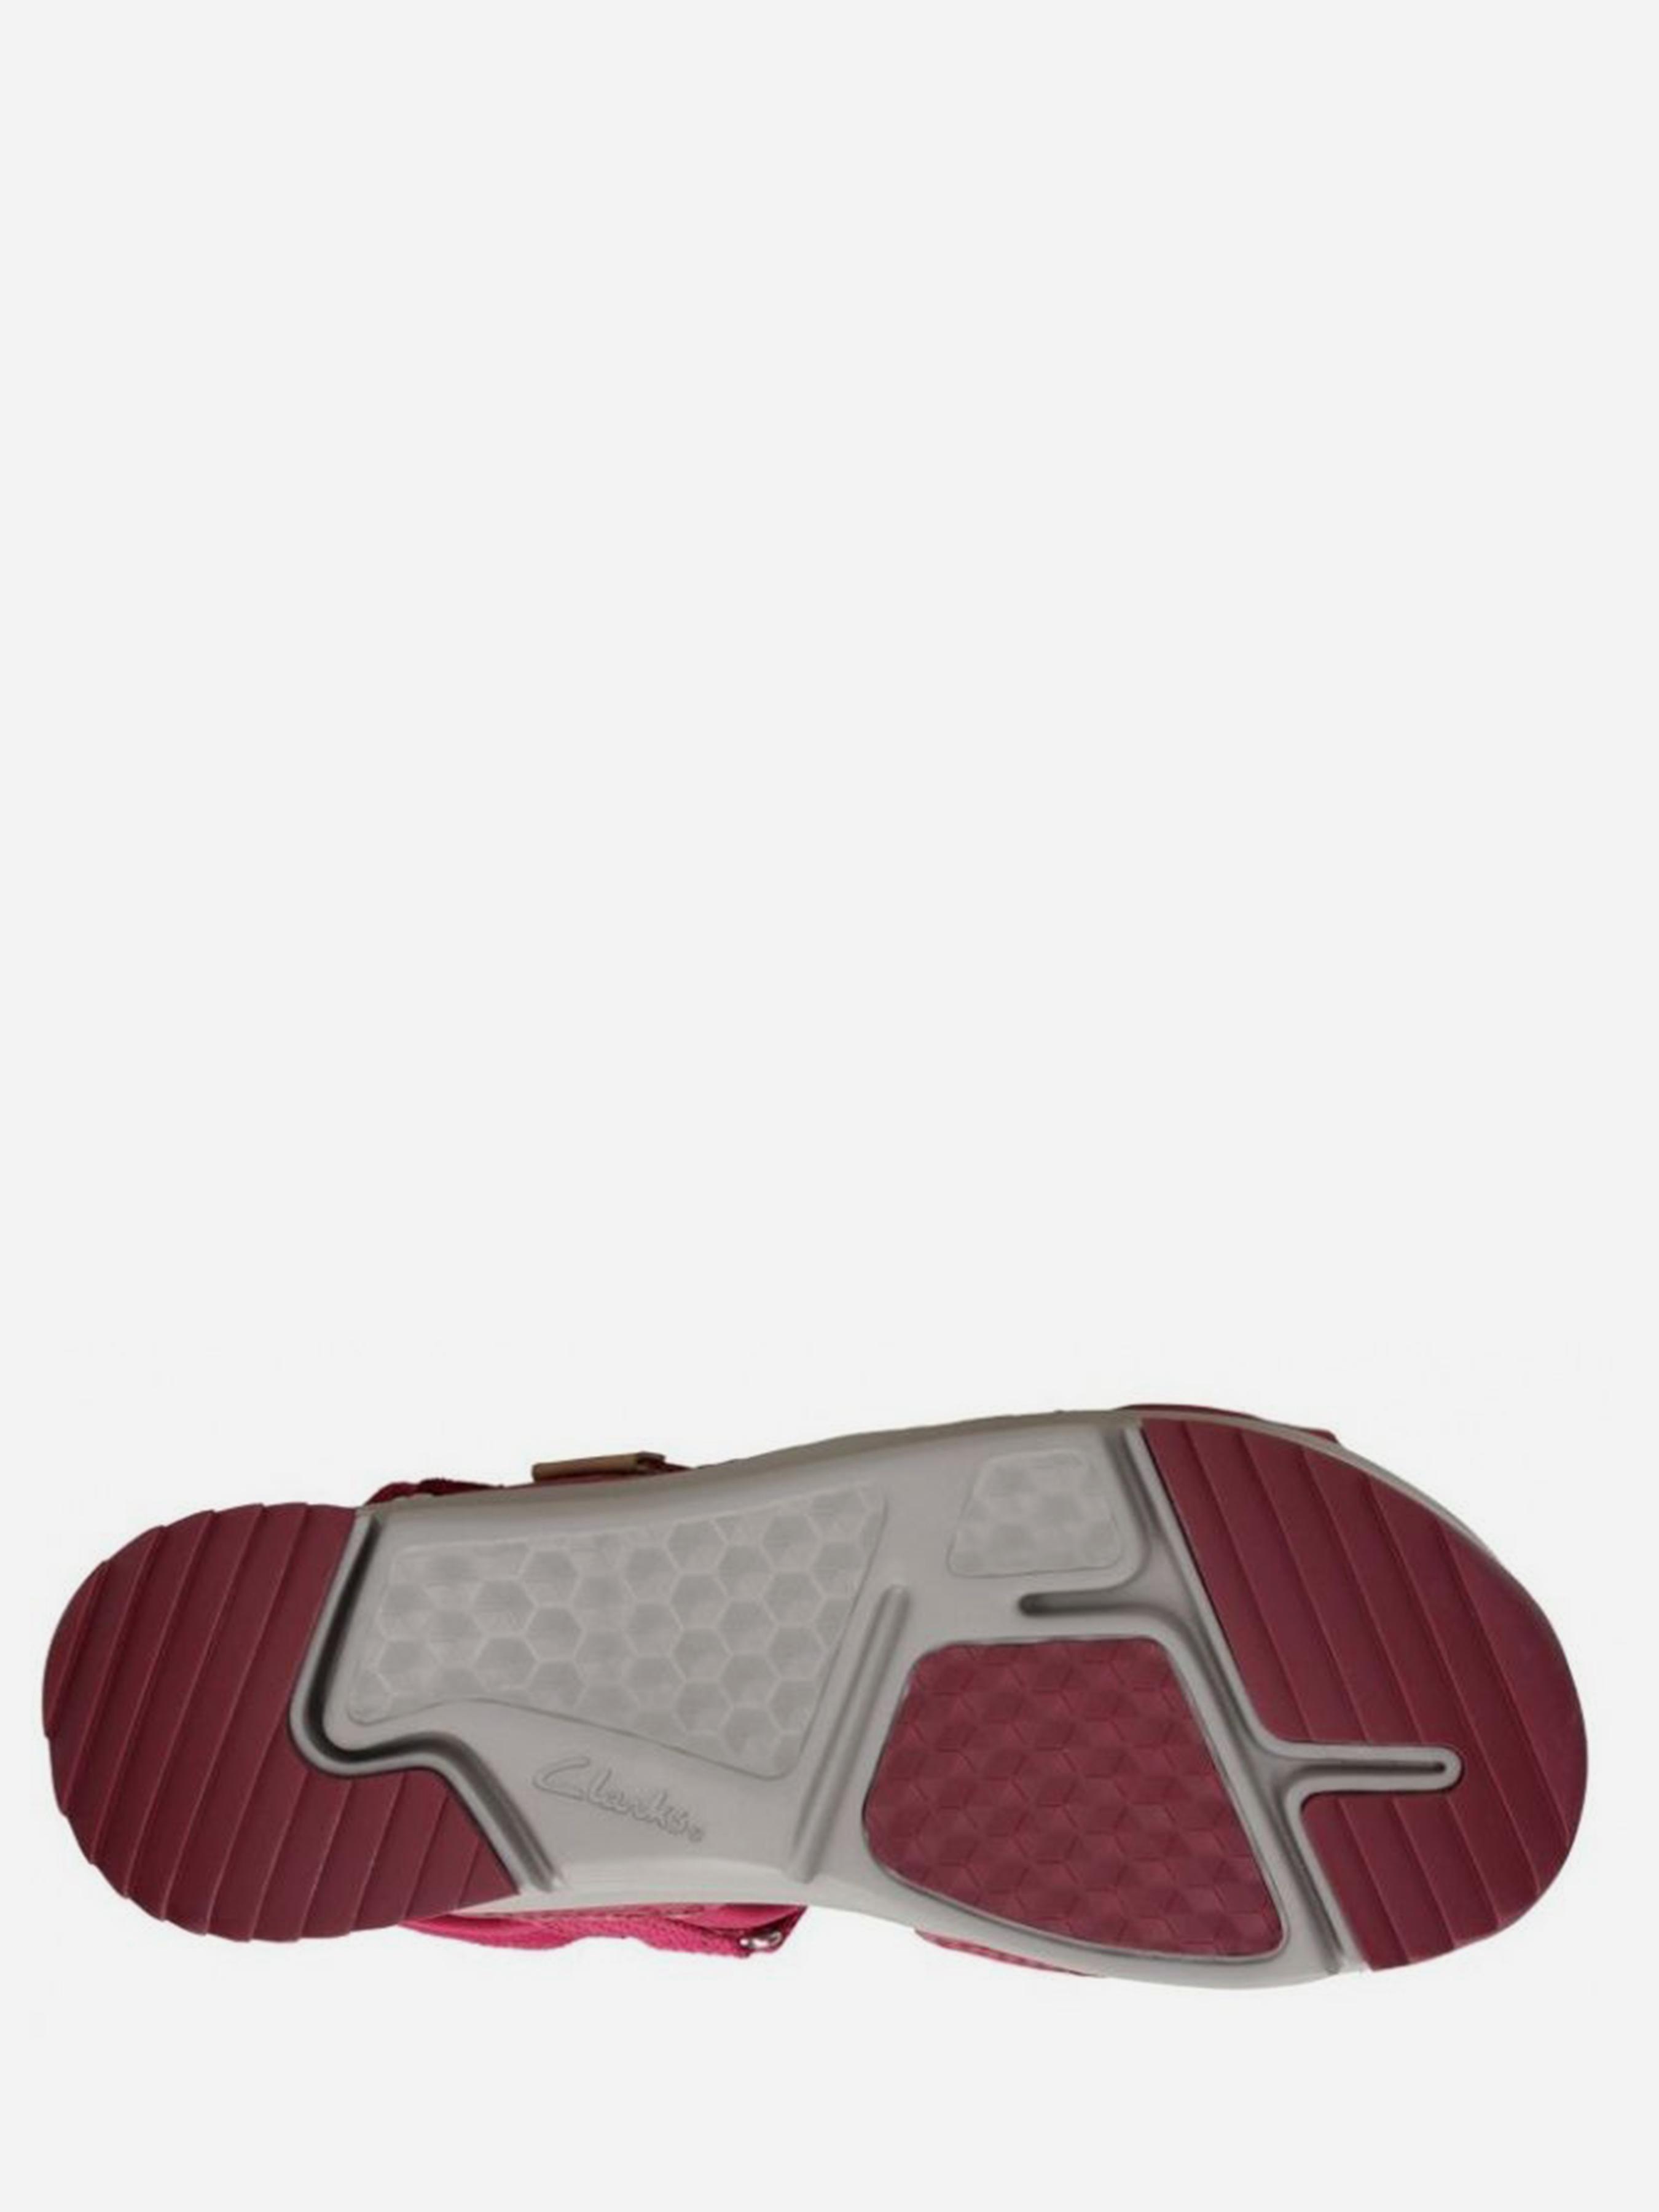 Сандалии женские Clarks Tri Walk OW4316 брендовая обувь, 2017